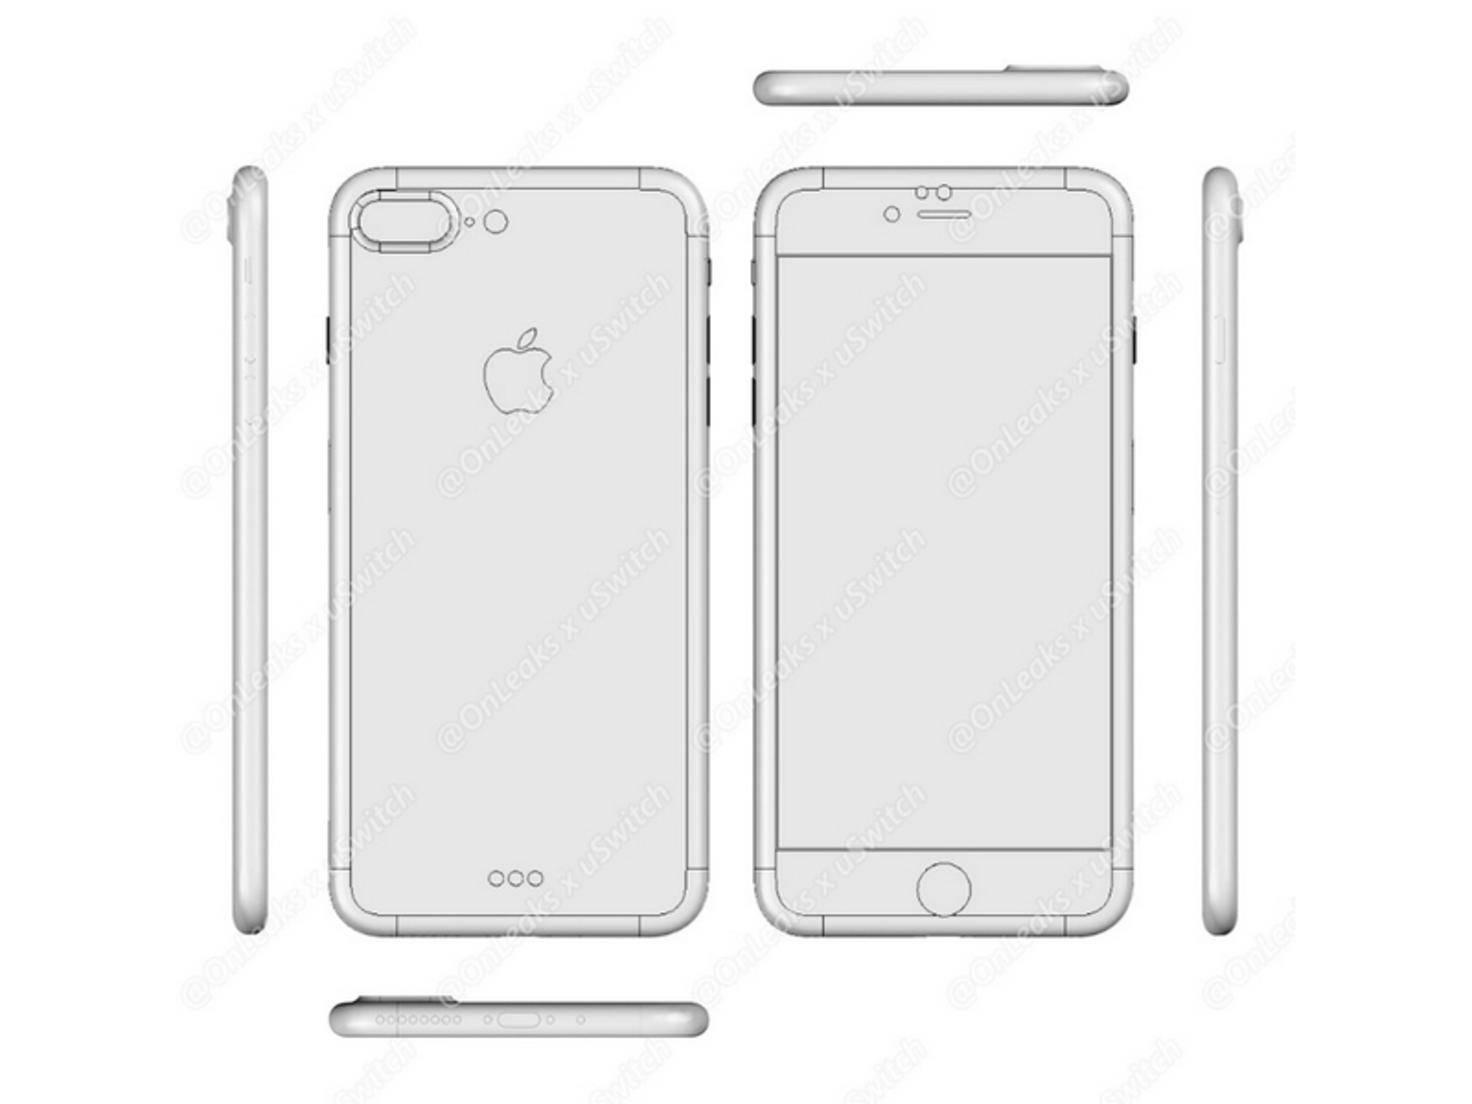 iPhone_7plus_Render01